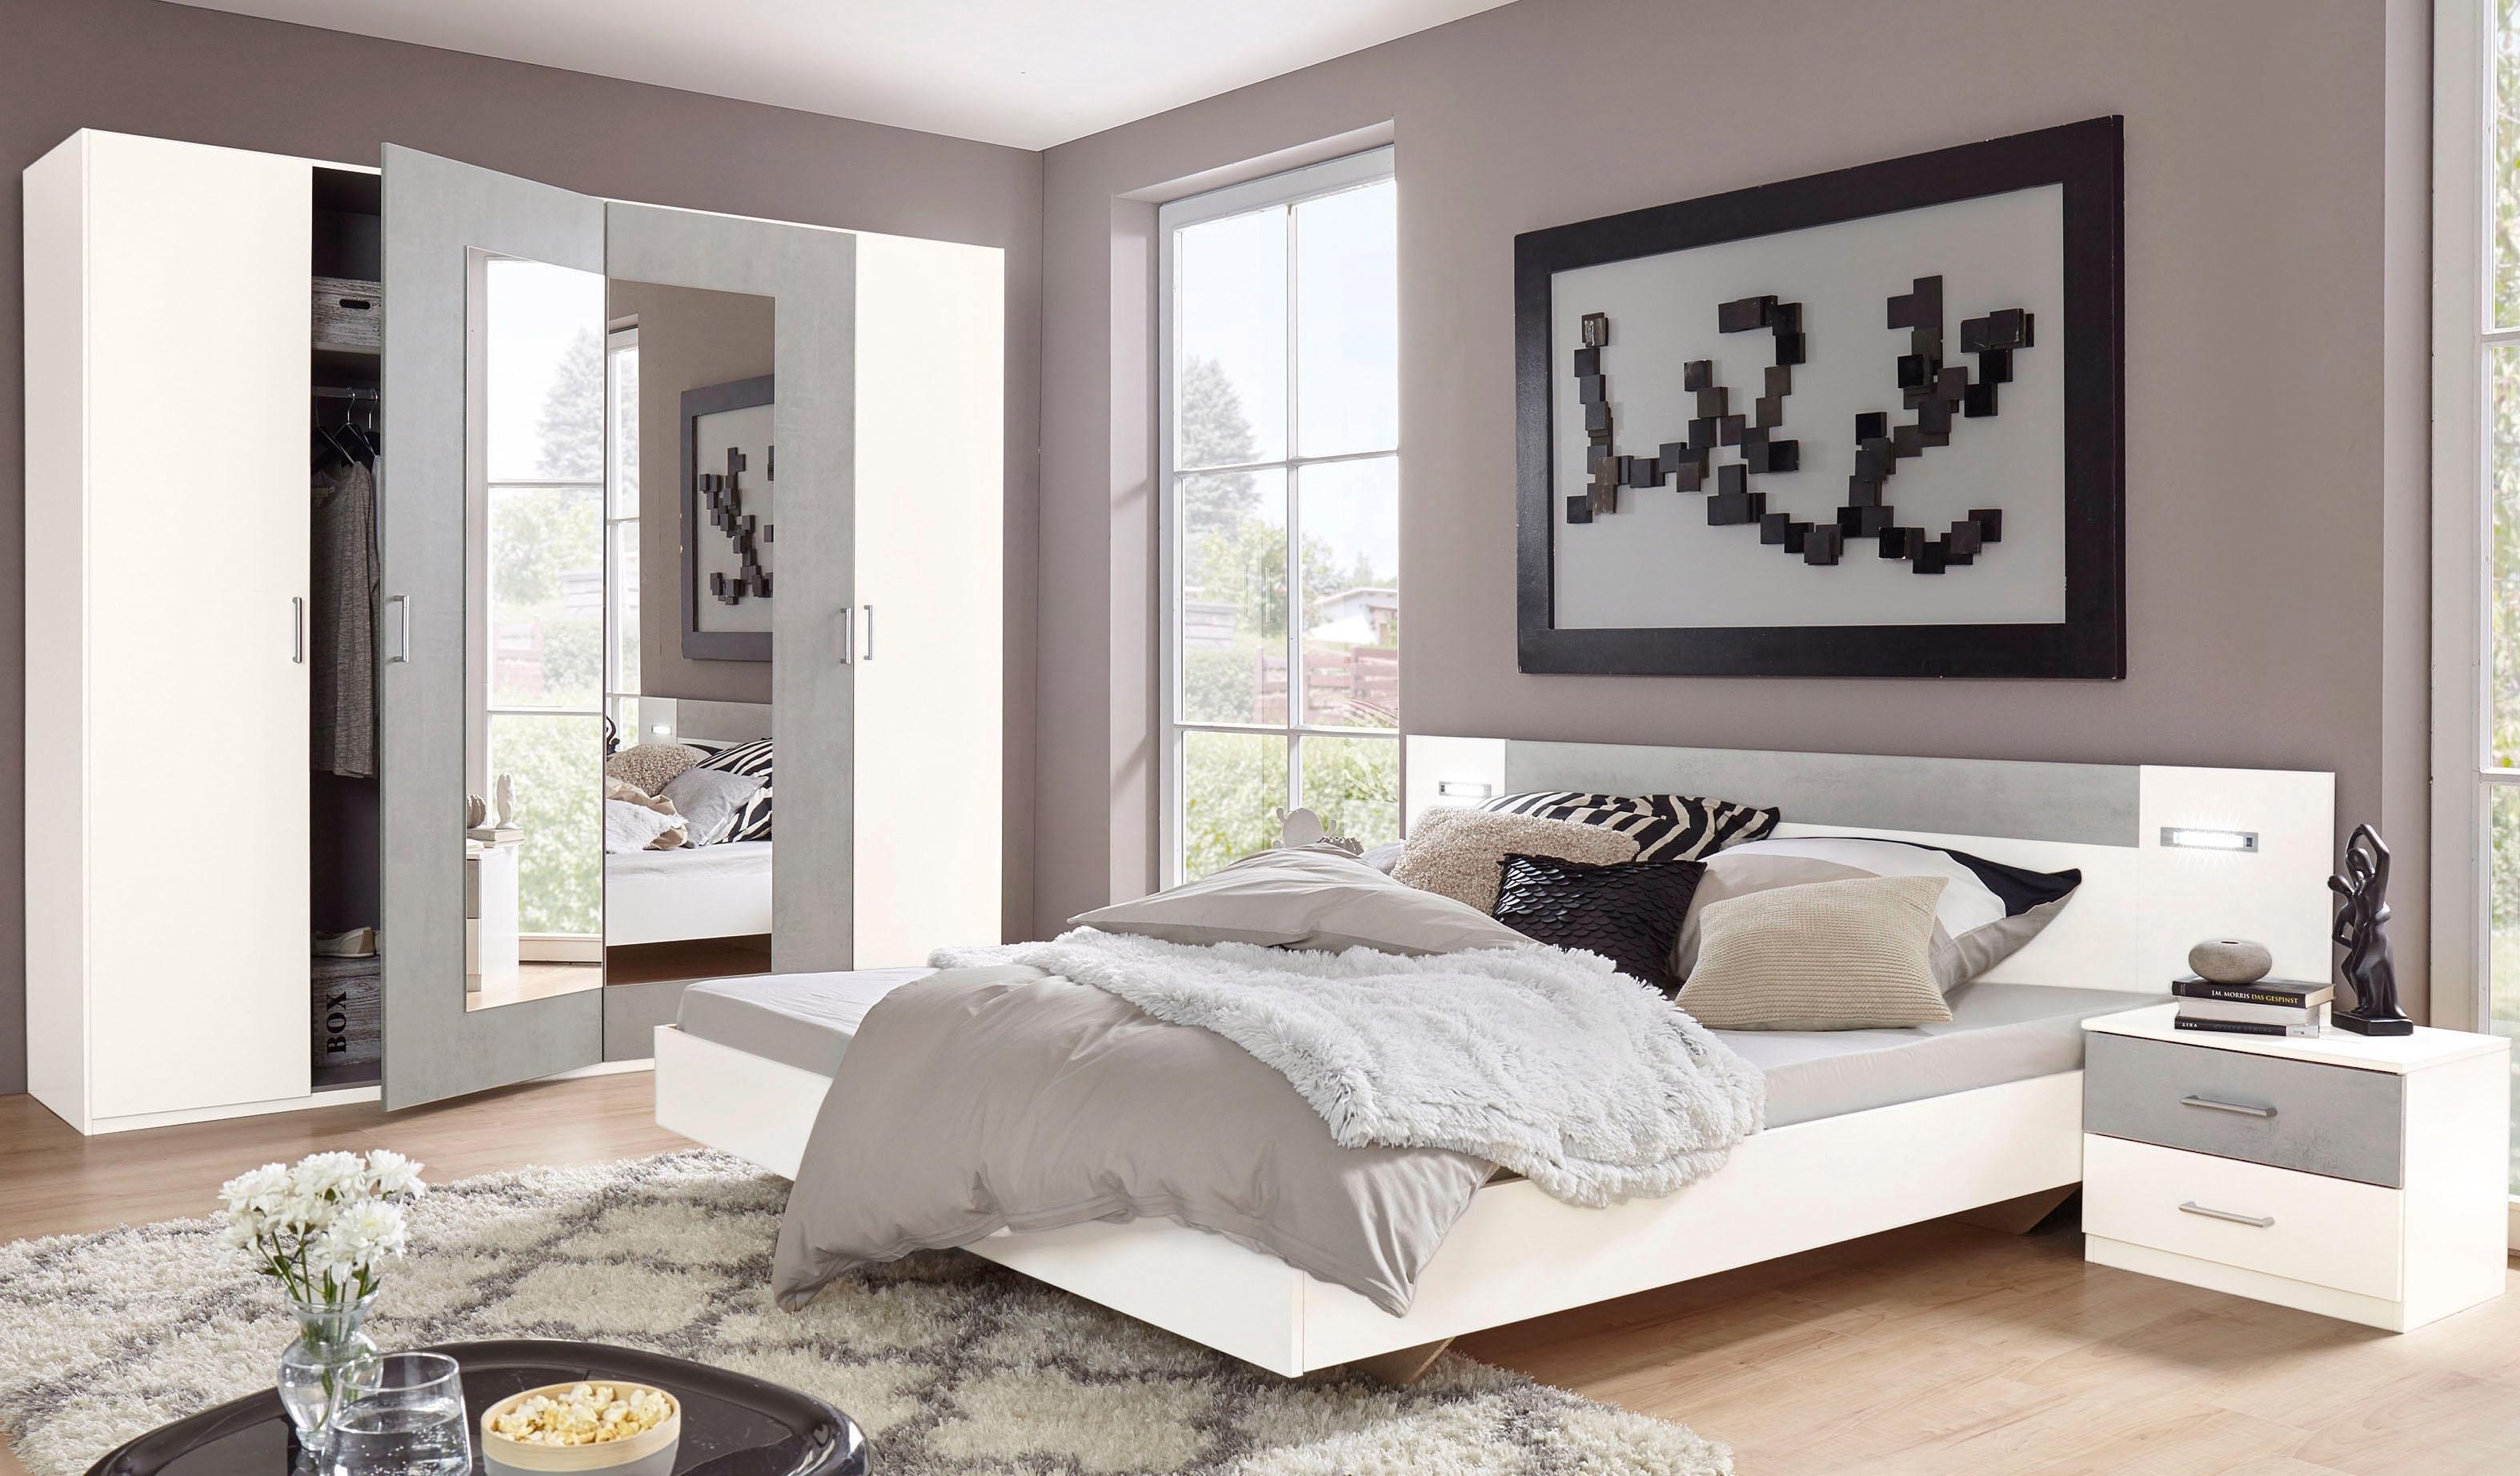 Wimex slaapkamerserie Angie (set, 4 stuks) bij OTTO online kopen